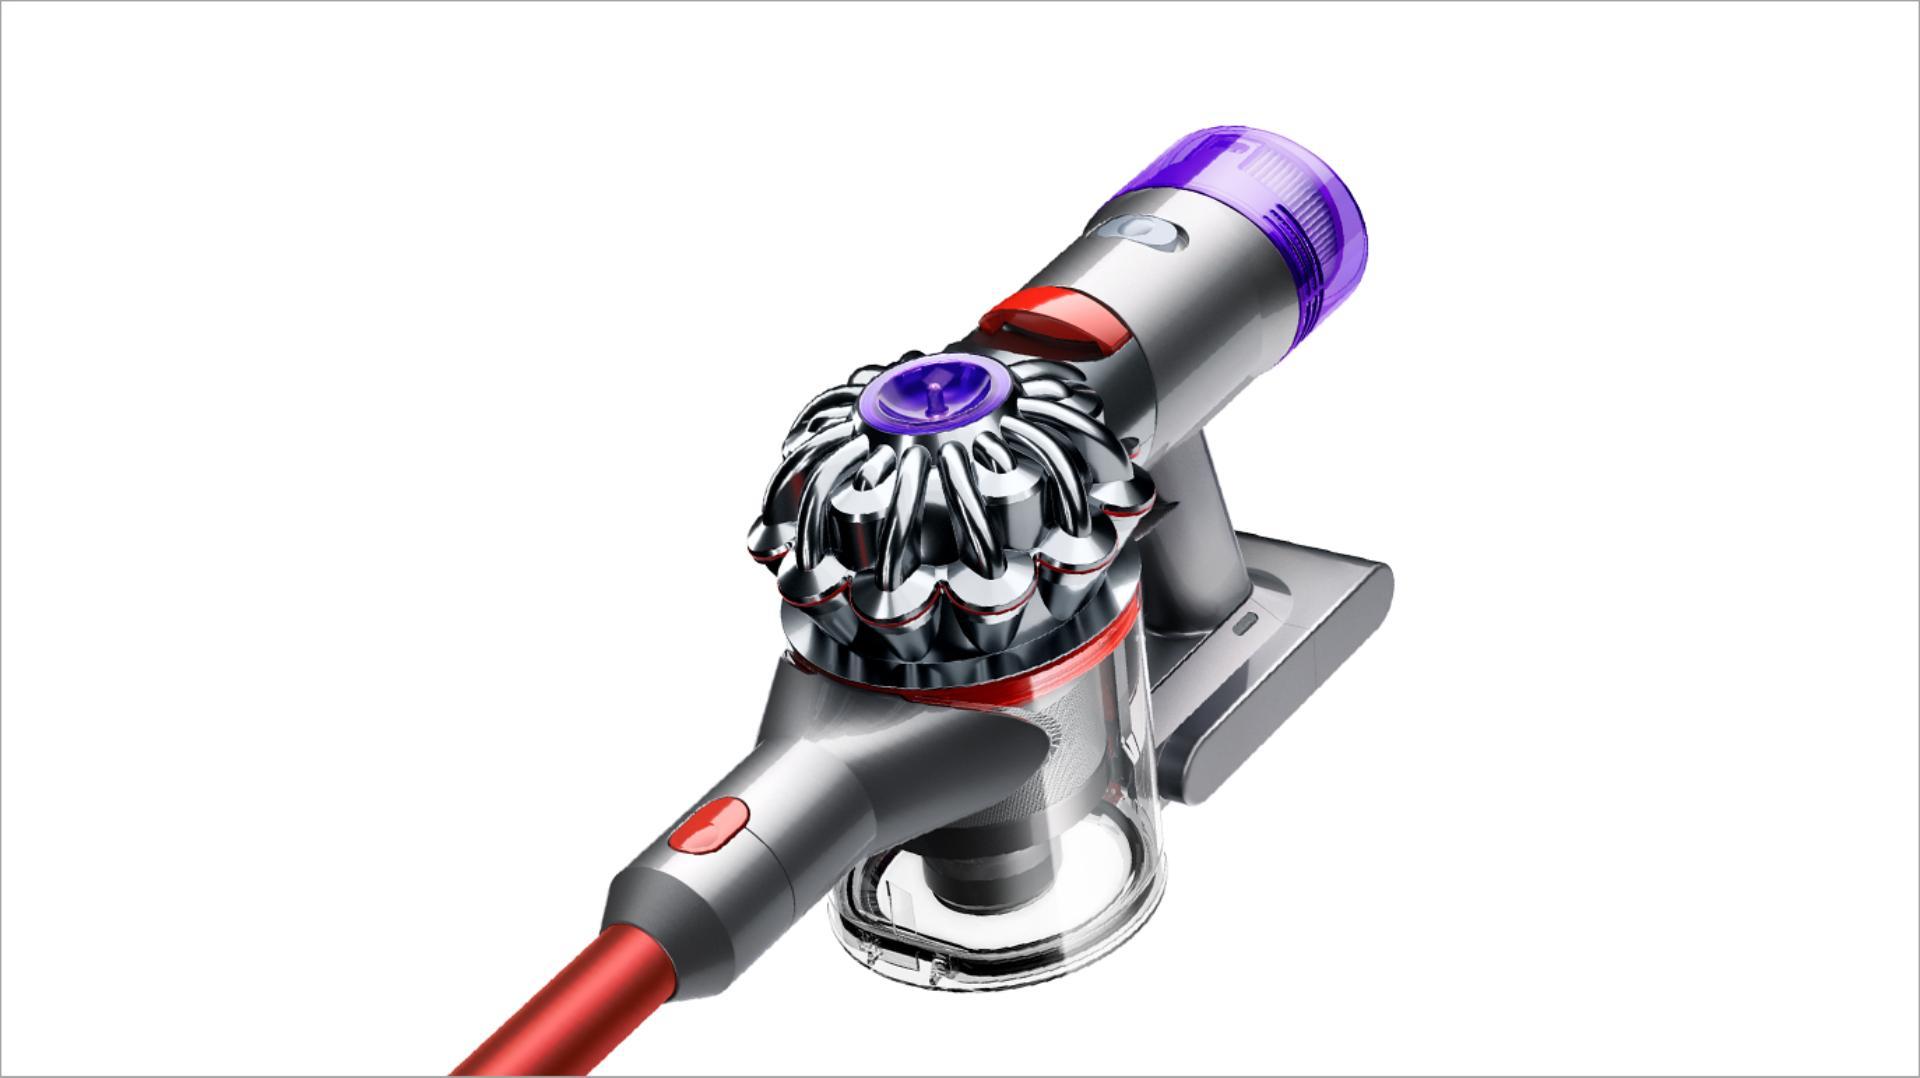 다이슨 V8™ 슬림 무선 청소기